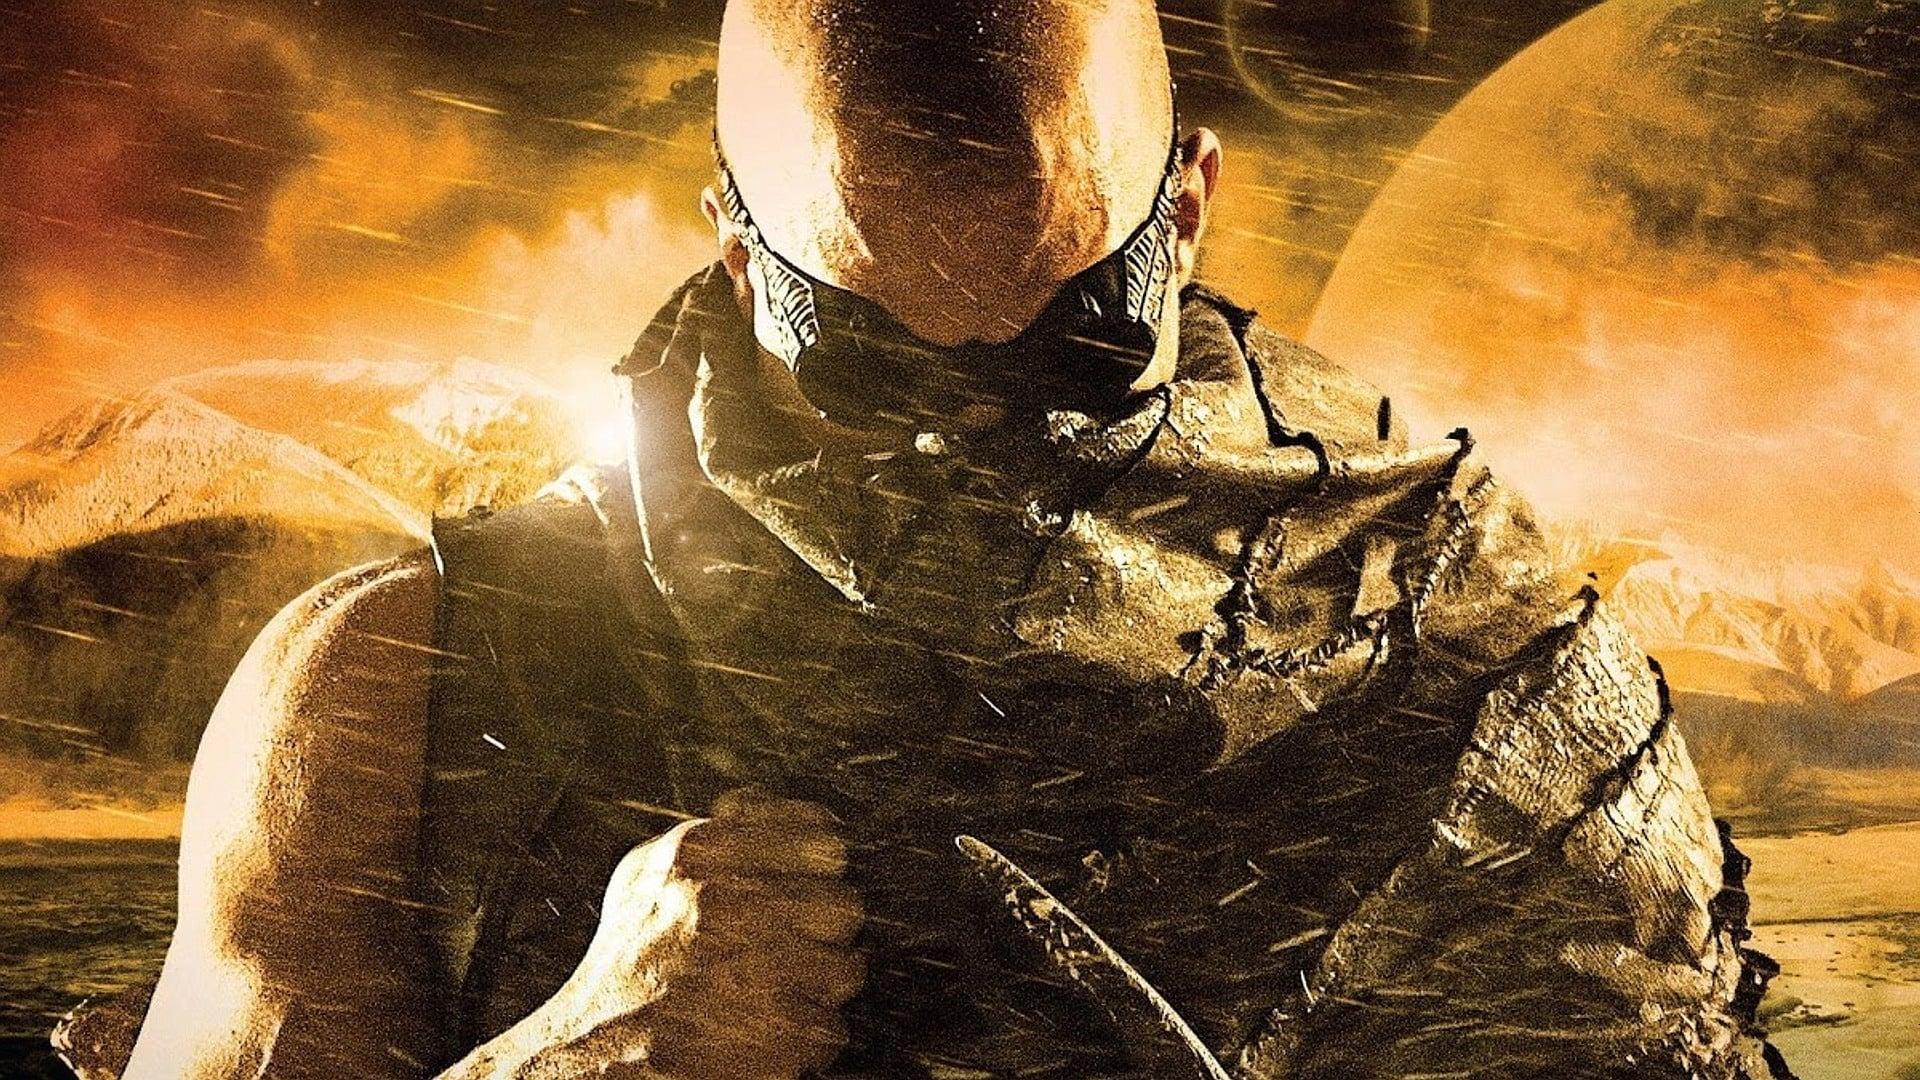 Riddick - überleben Ist Seine Rache Stream